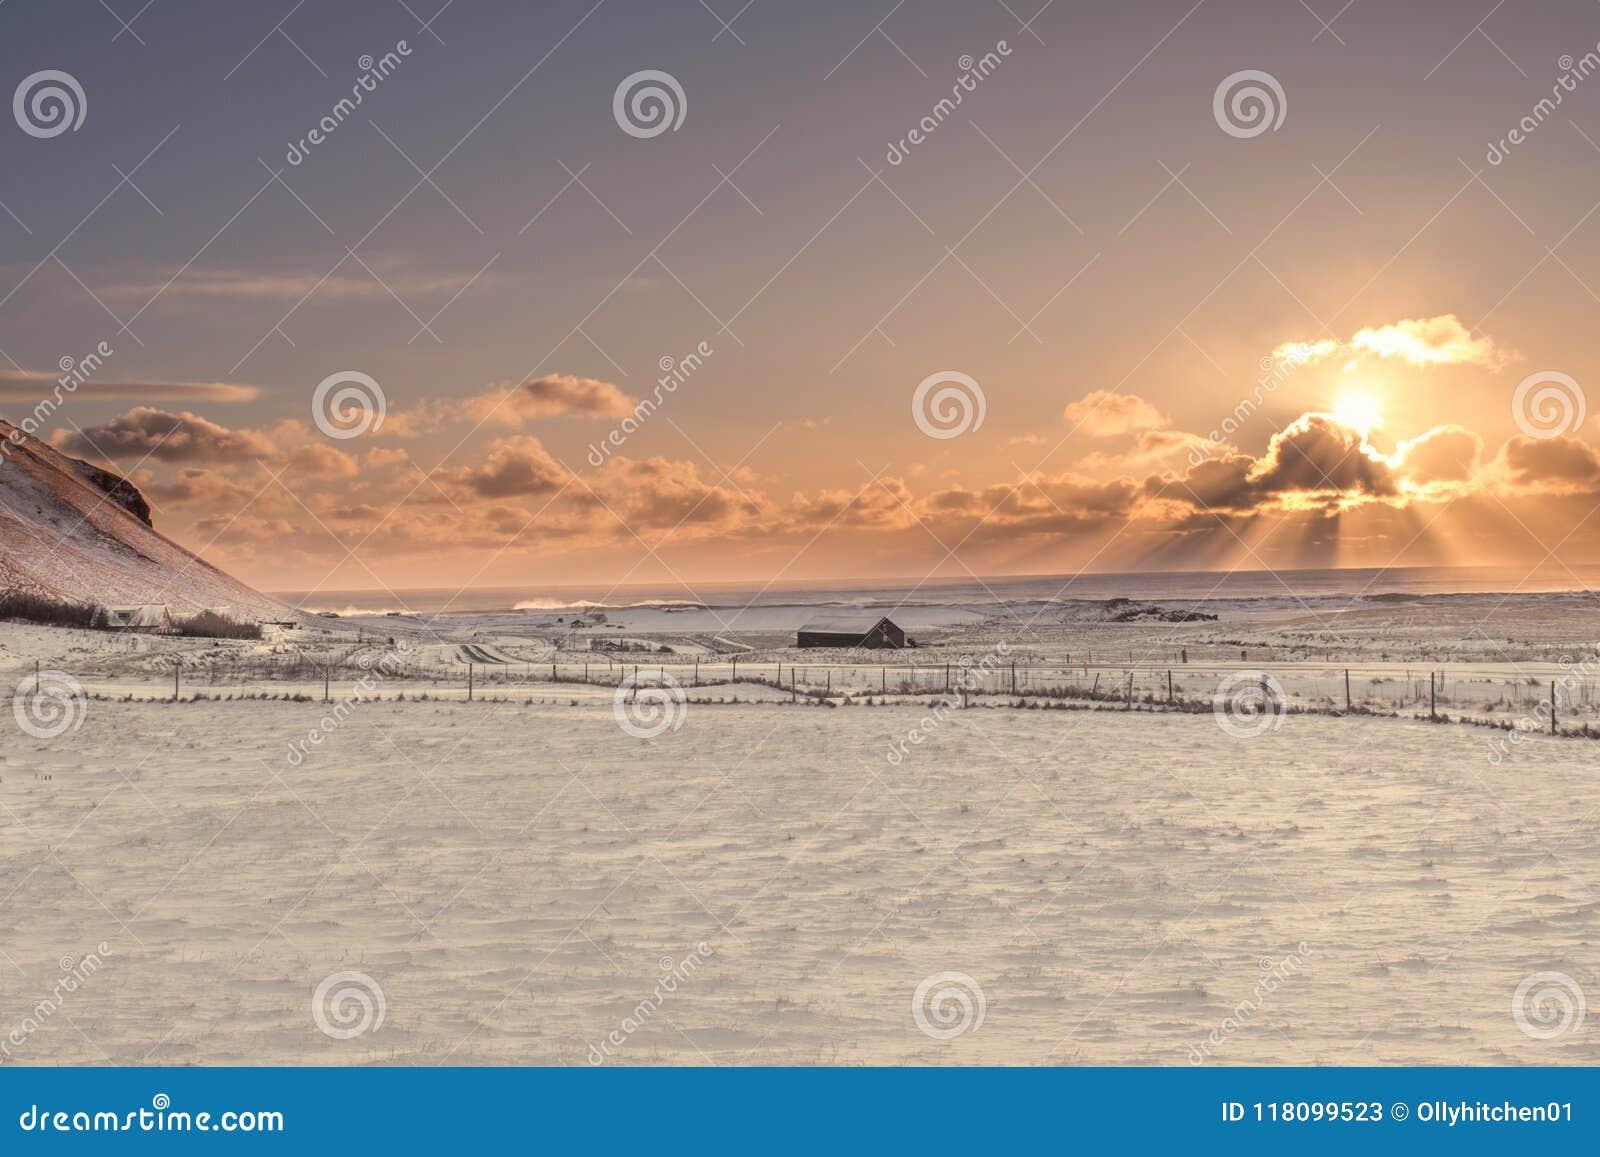 Solen brister bakifrån ett moln över det djupfrysta landskapet av